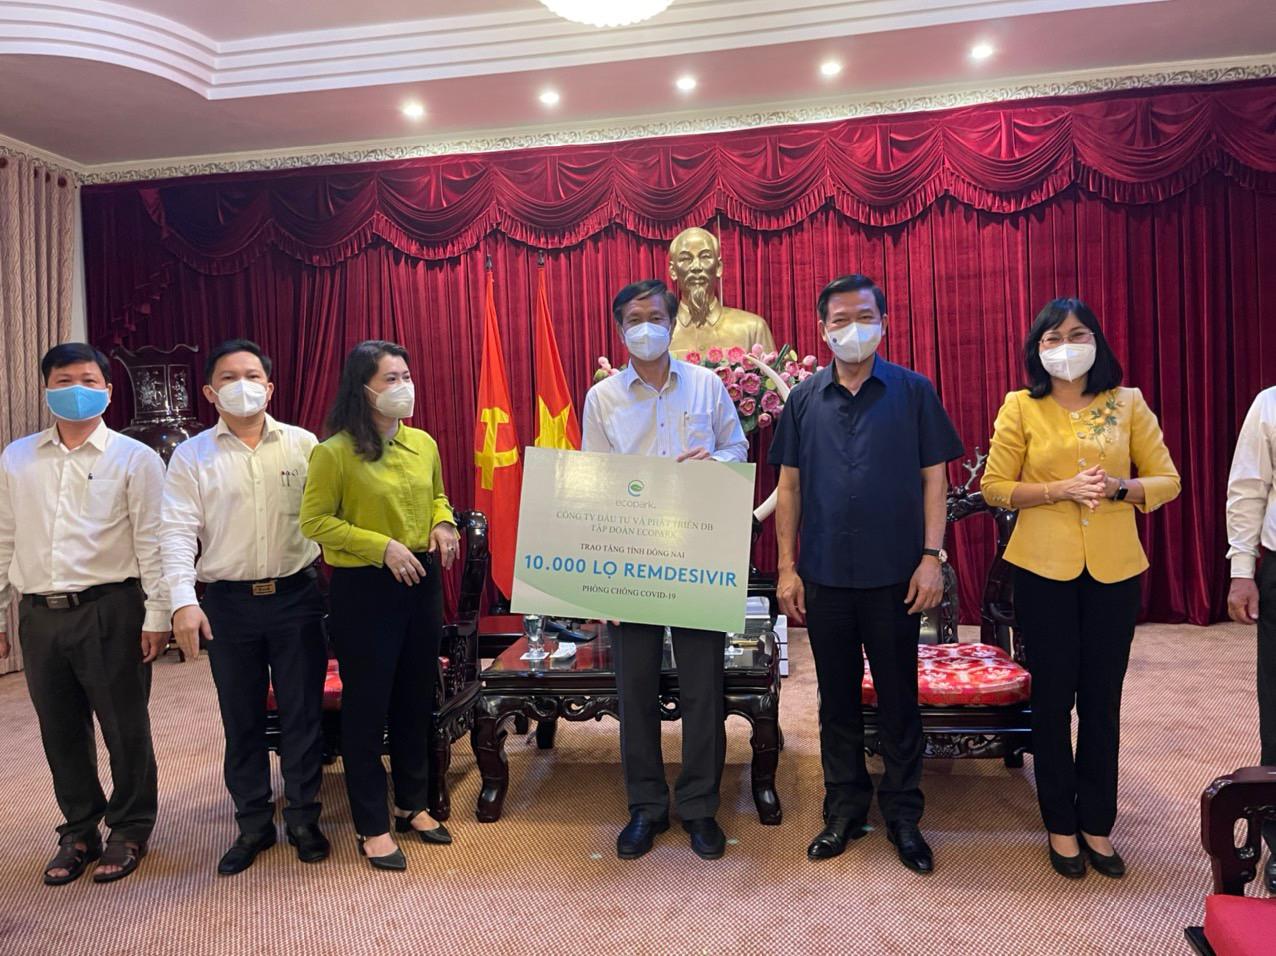 Lô thuốc 200.000 lọ Remdesivir đặc trị Covid-19 về Việt Nam được phân bổ thế nào? - Ảnh 8.